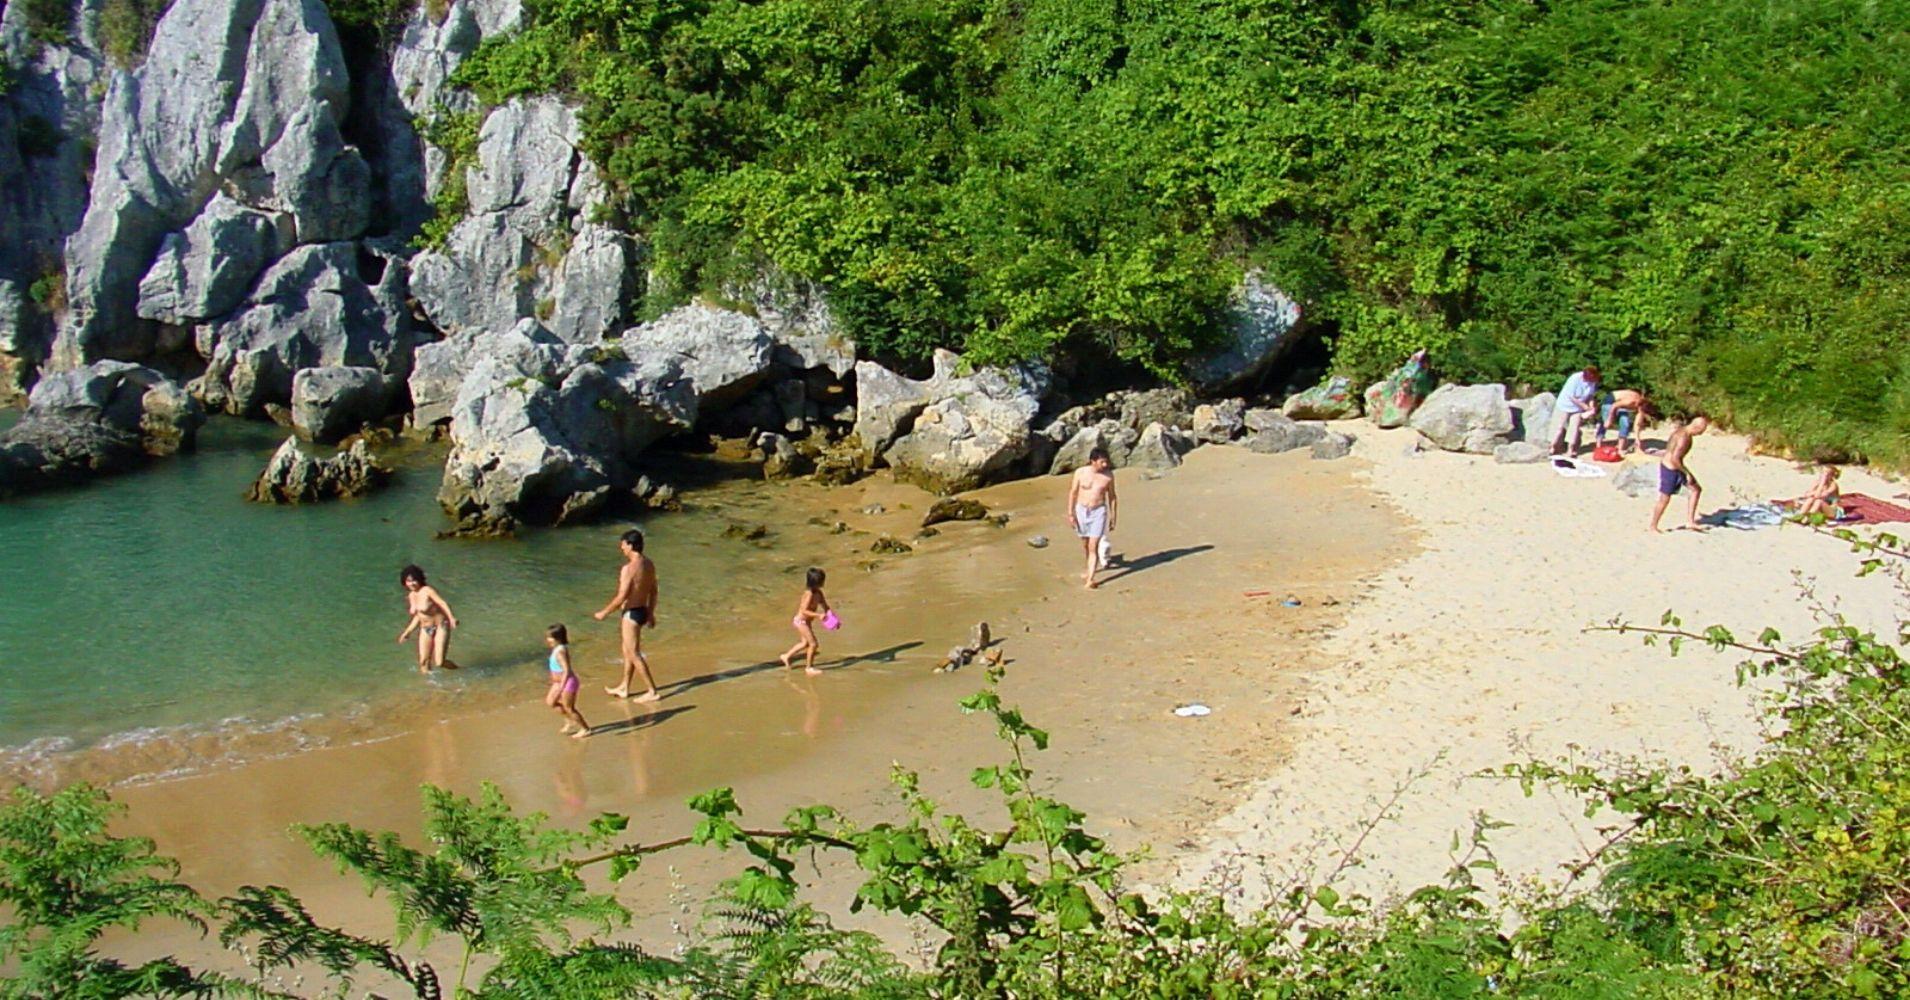 Monumento Natural del Concejo de Llanes. Asturias.